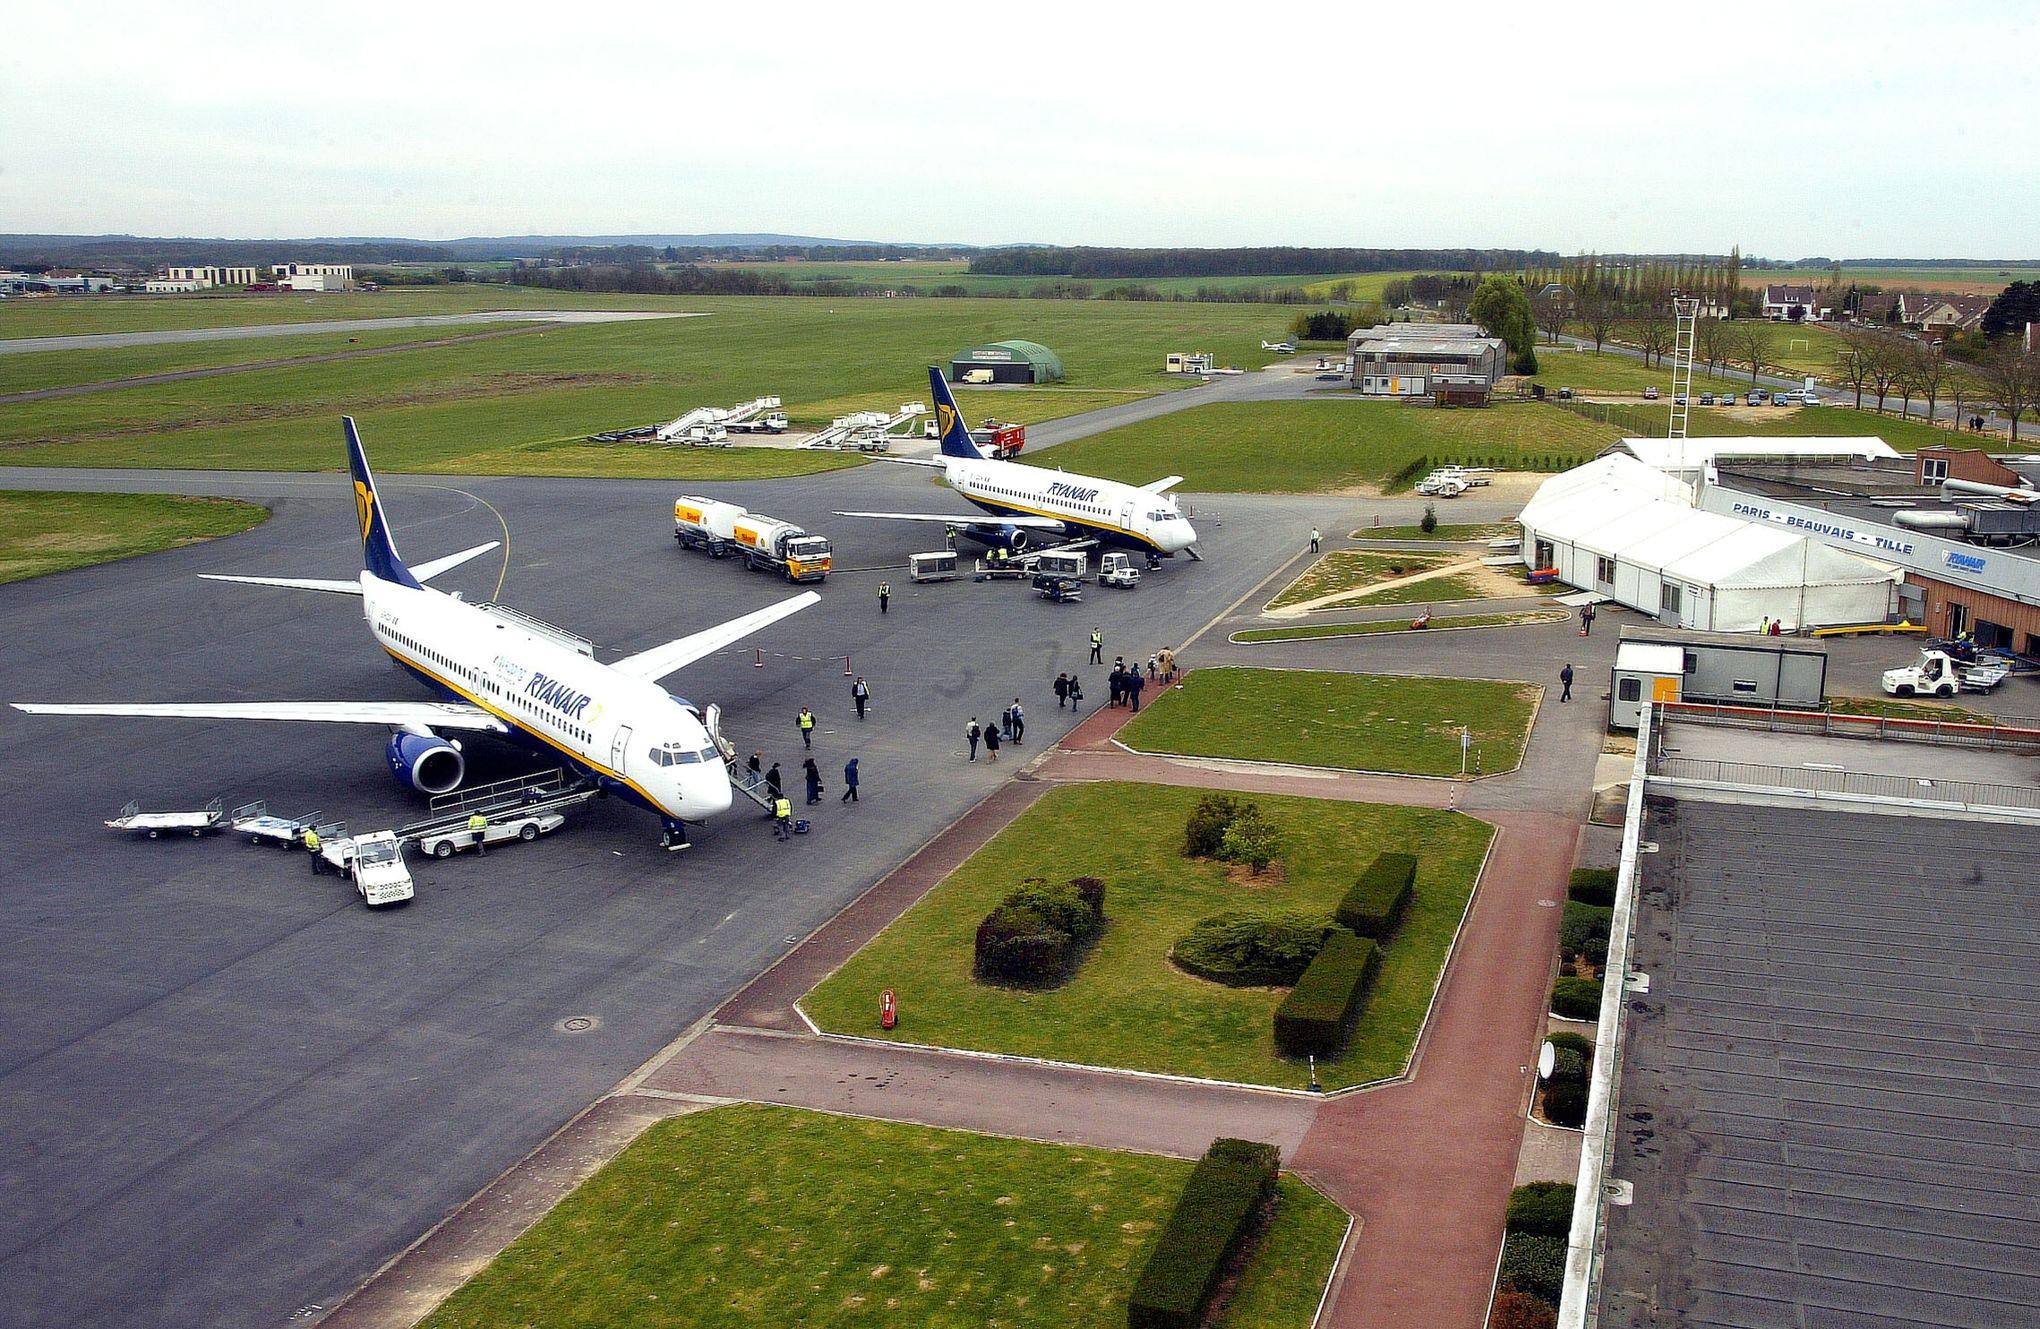 Son aéroport encore classé parmi les pires au monde — Beauvais